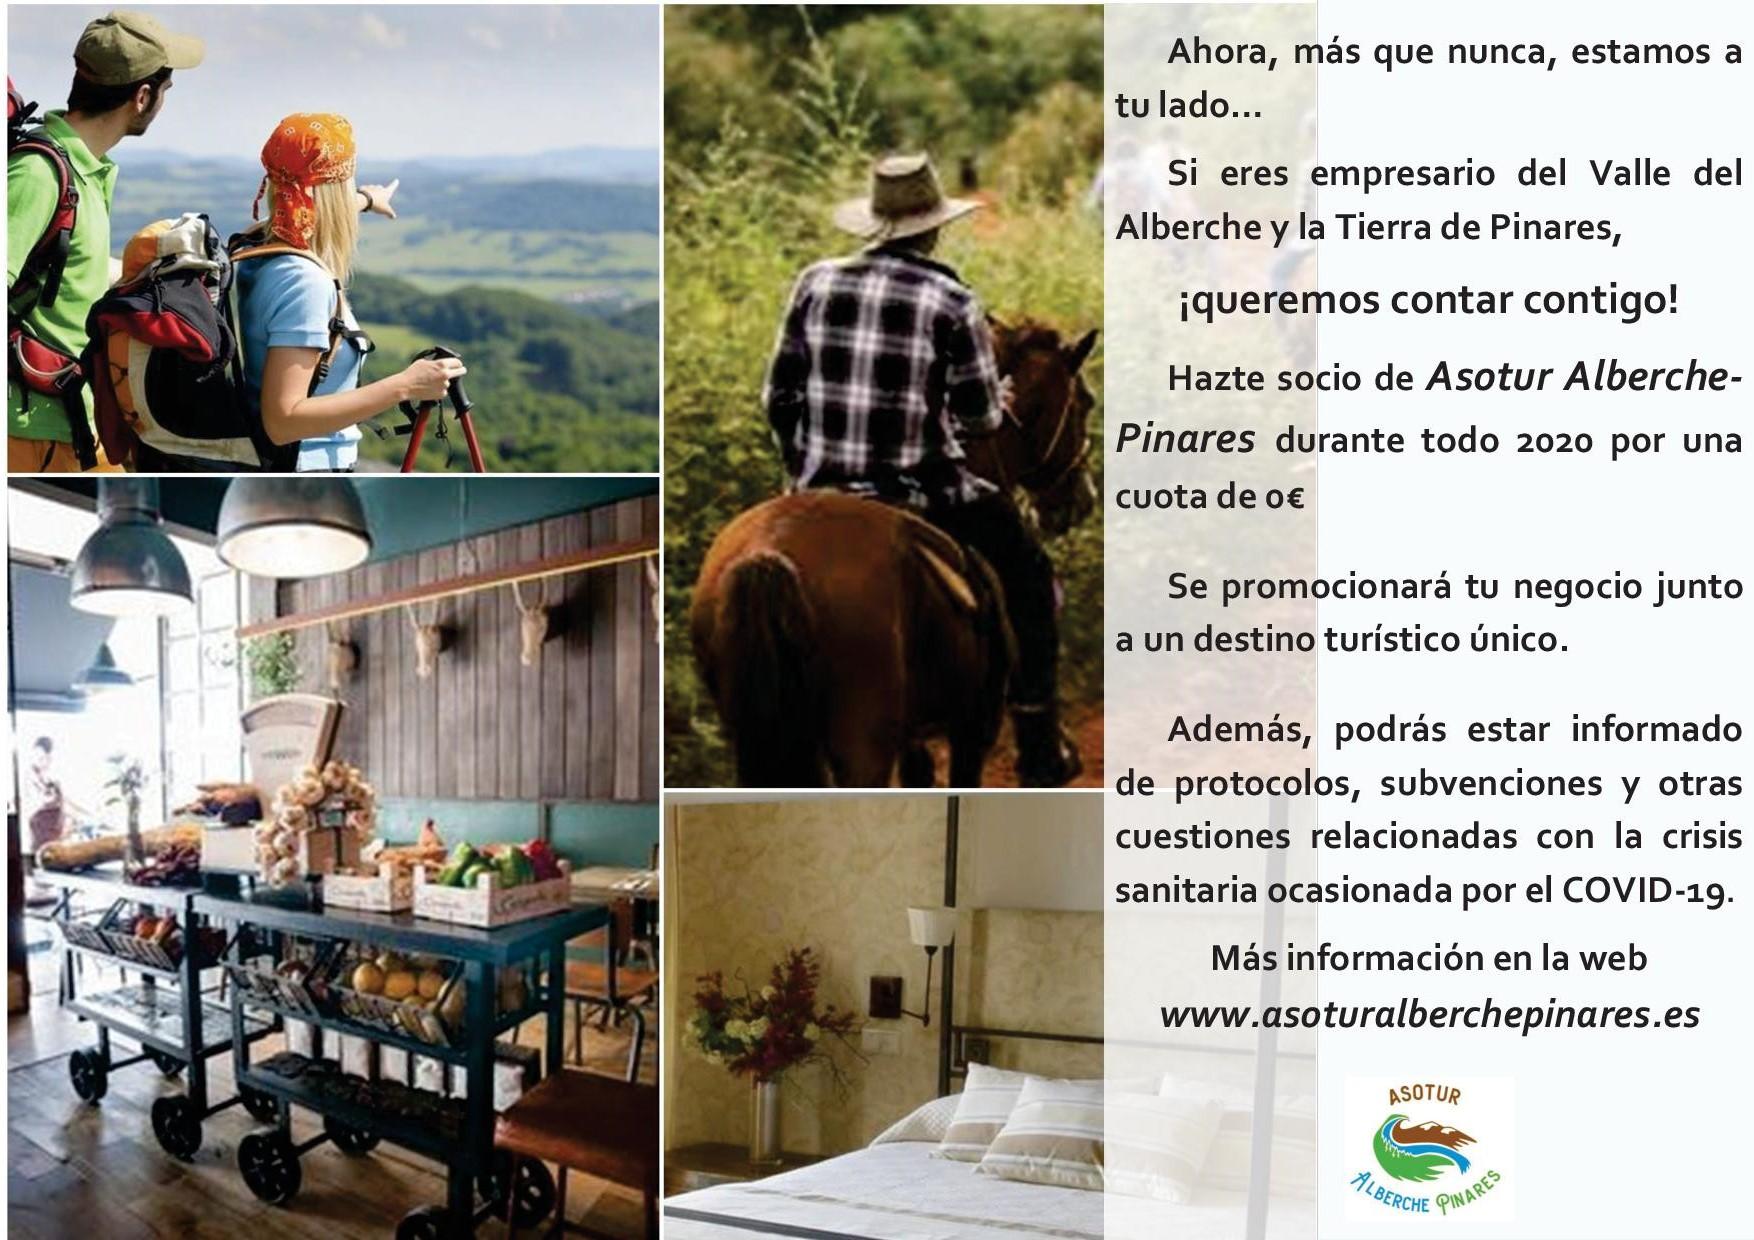 anuncio empresarios COVID-19 (2)